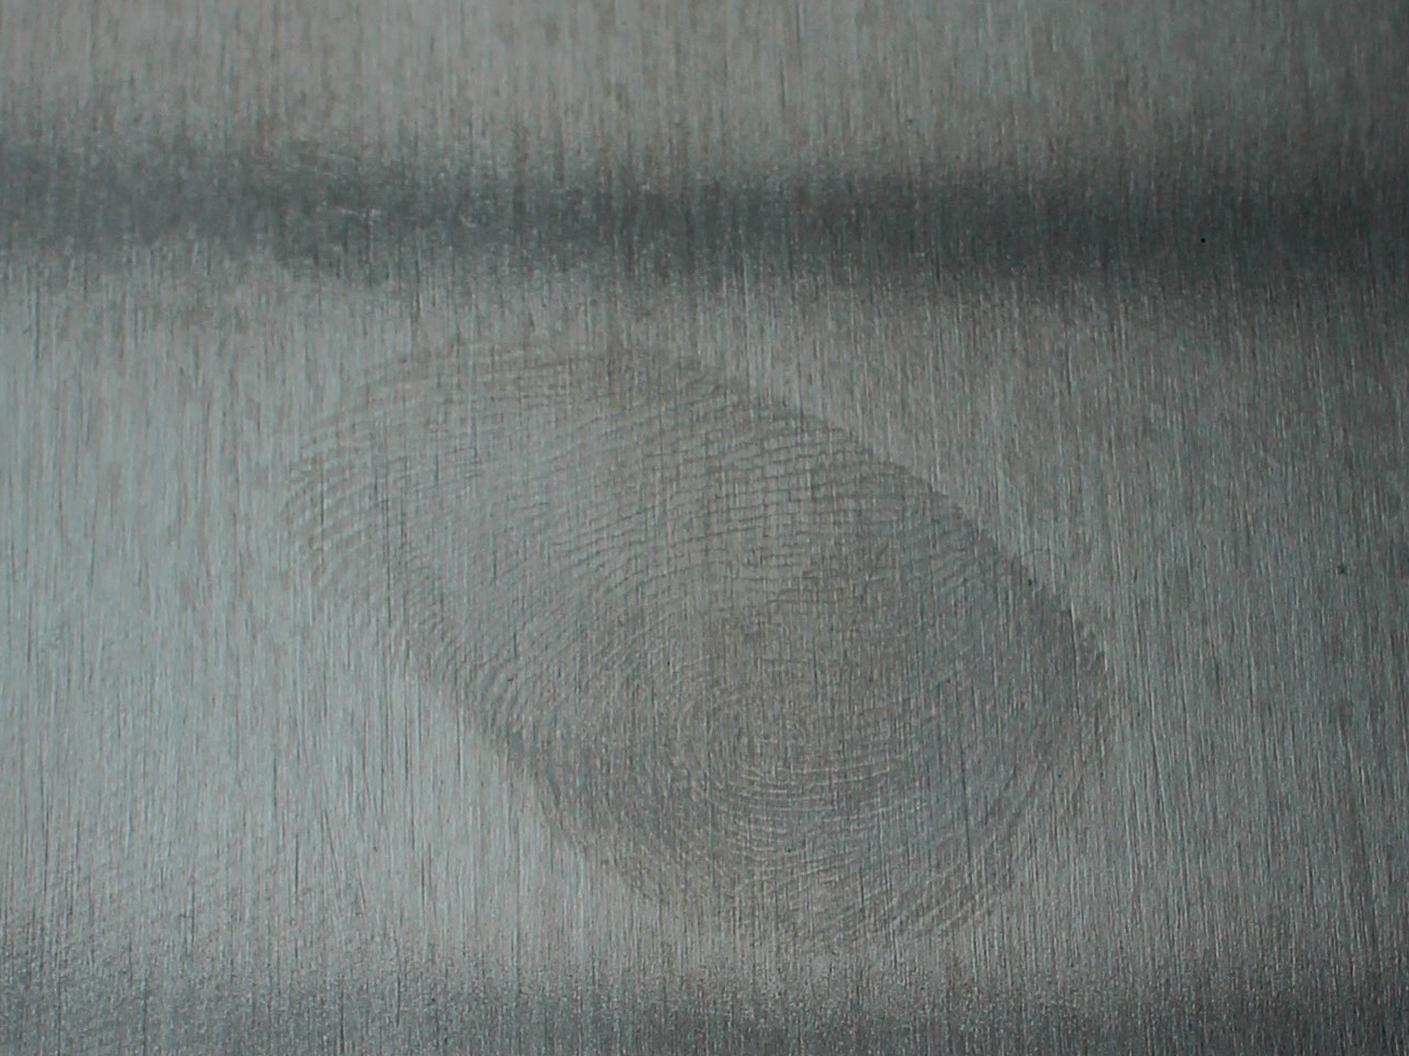 Fingerabdrücke auf Edelstahl- und Metalloberflächen sollen sich mit dem neuen Sol/Gel-Nanolack vermeiden lassen.